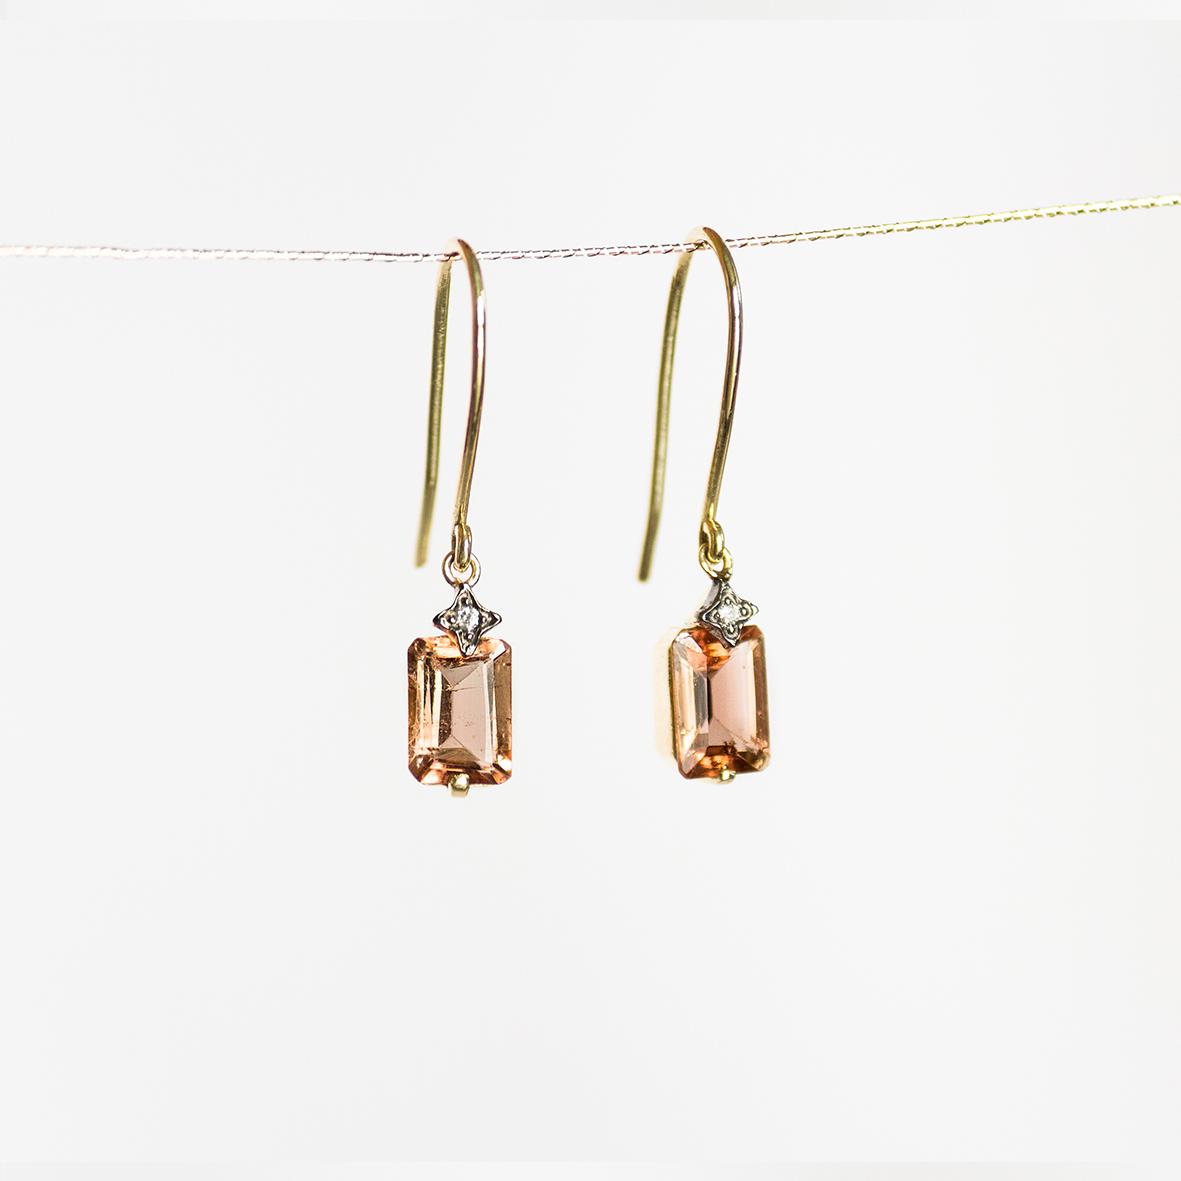 5. OONA_philo_ficha1_tourmaline emerald earrings